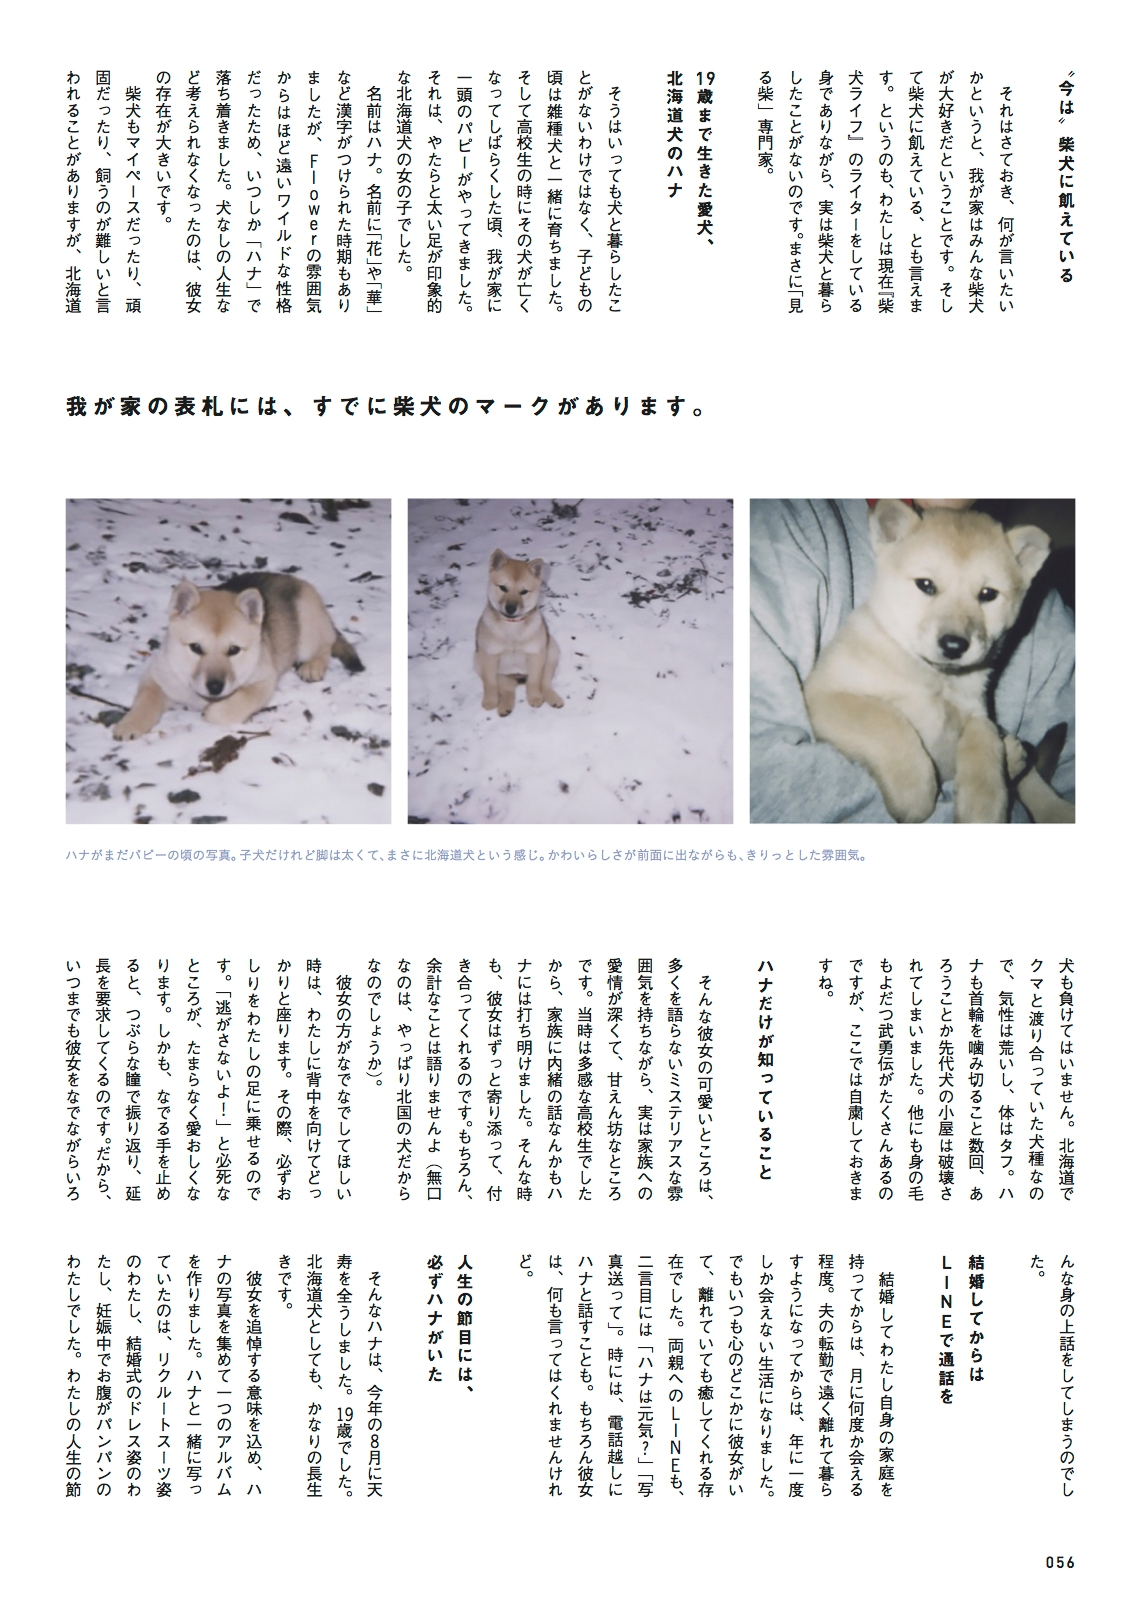 柴犬ライフ vol.2 冬号の目次画像1